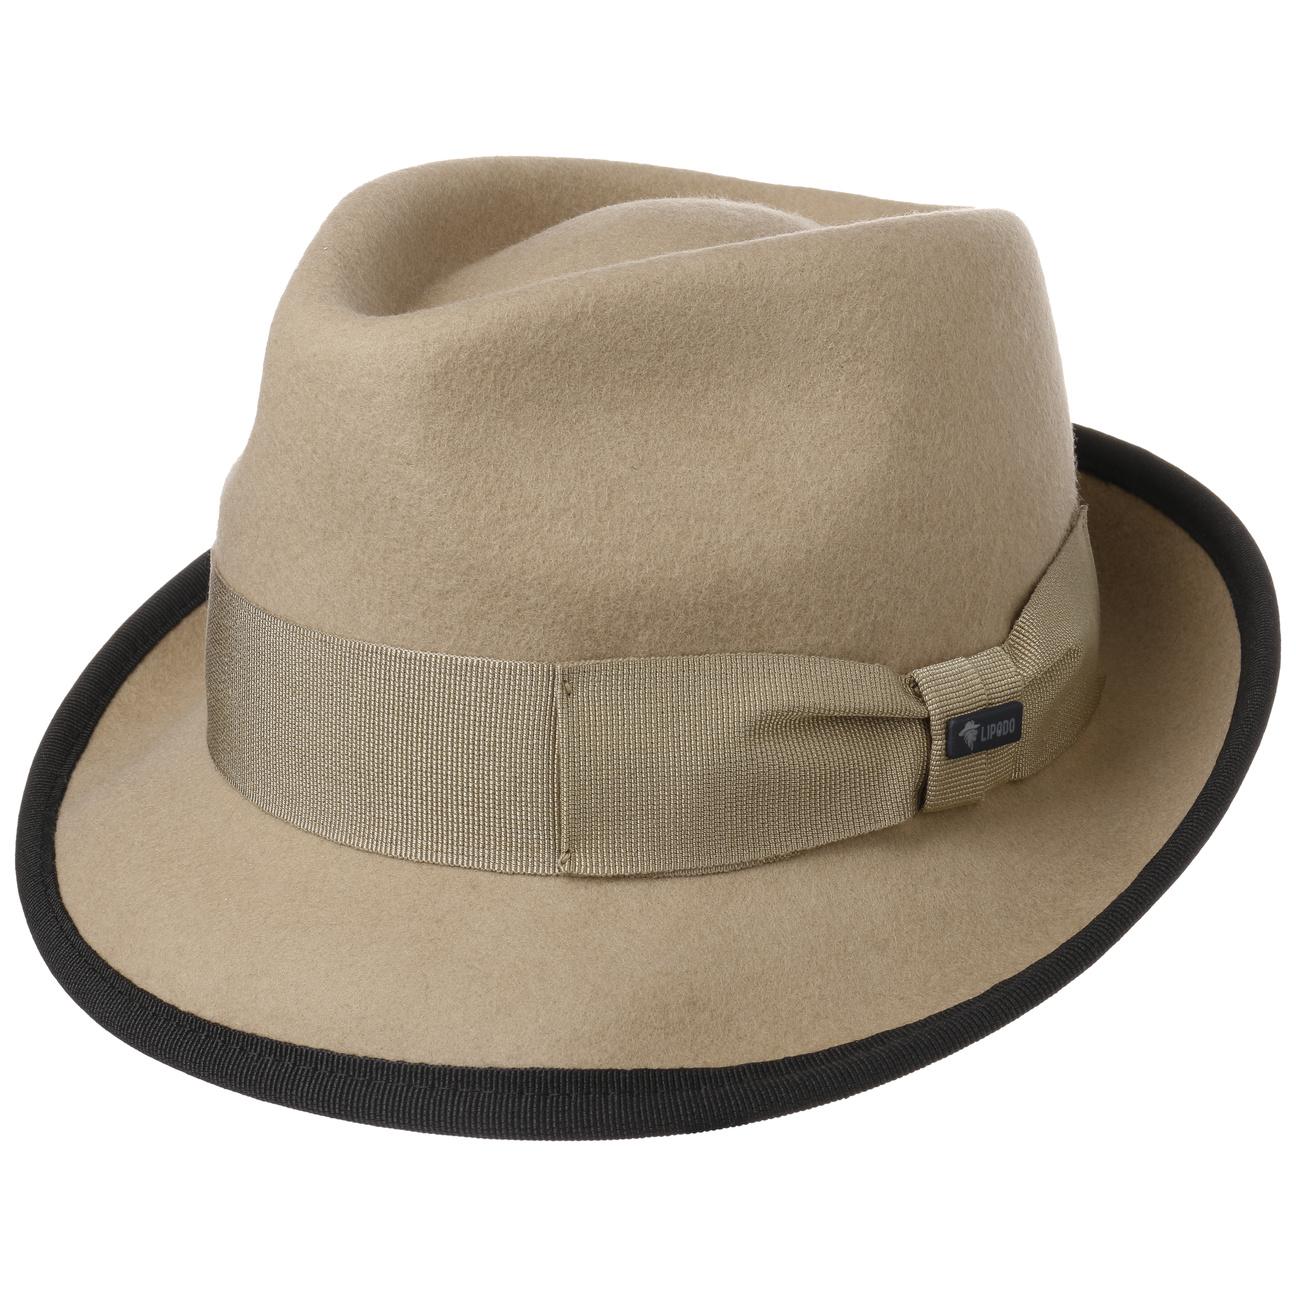 Chapeau de Feutre The Classic by Lipodo  chapeau en laine